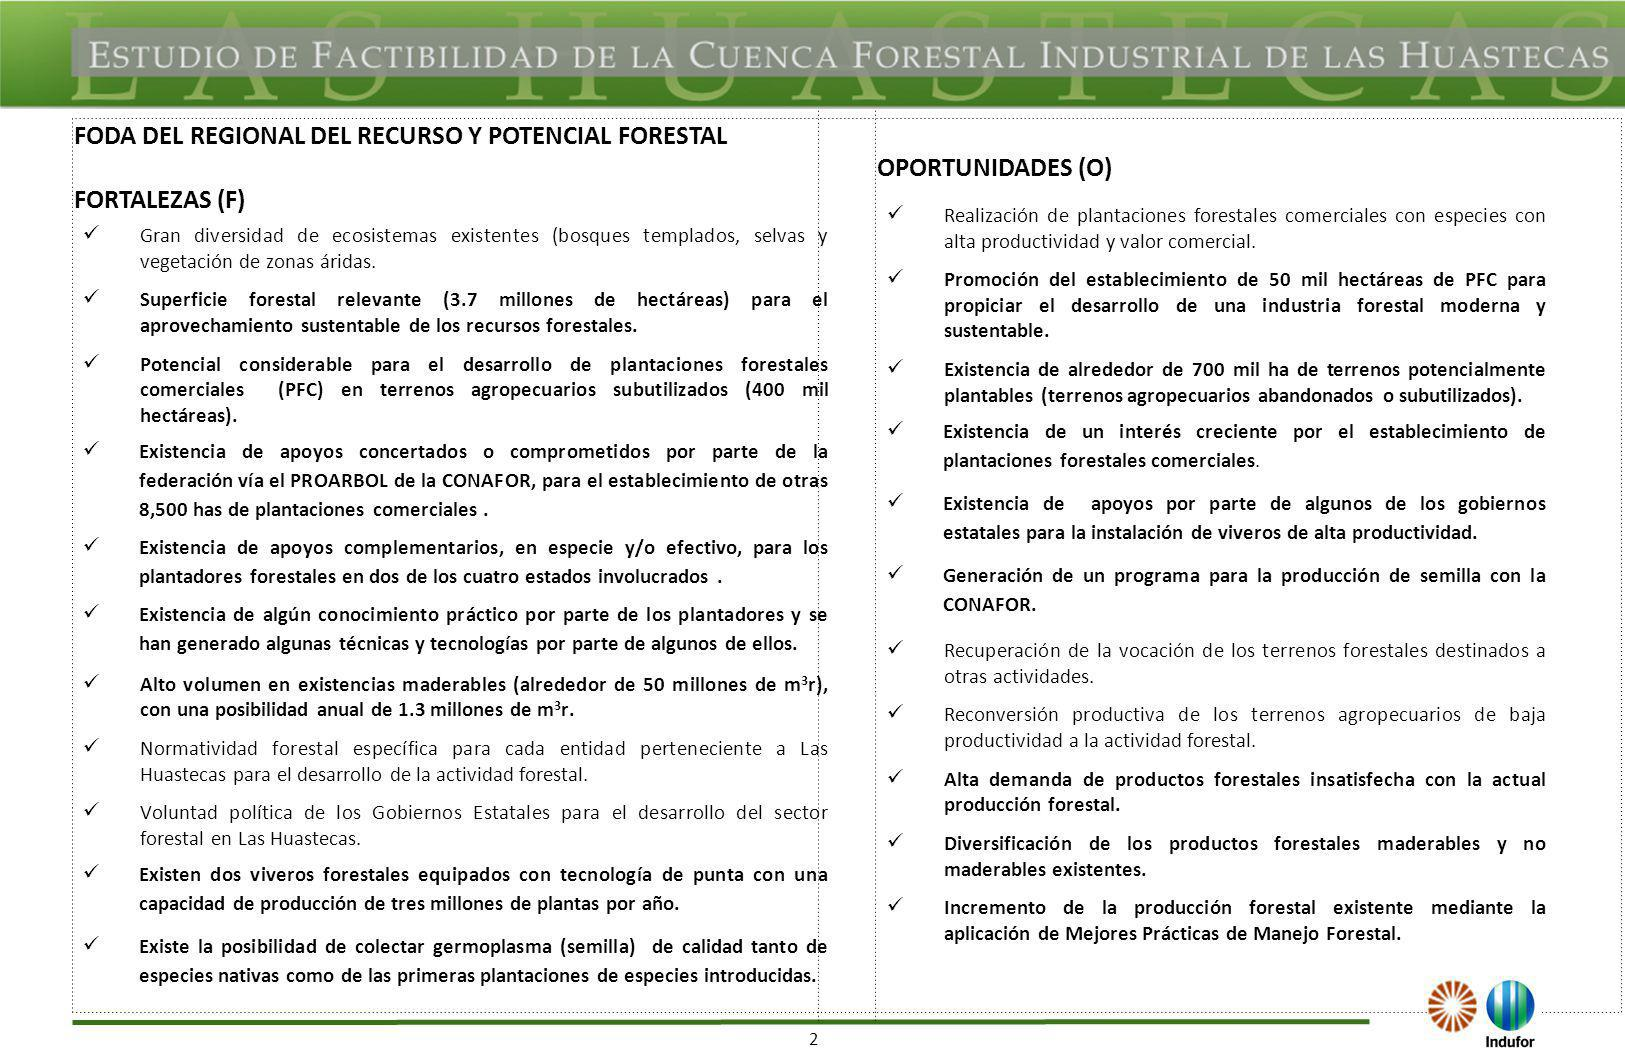 3 DEBILIDADES (D) AMENAZAS (A) Alta fragmentación en la tenencia de la tierra para el desarrollo de la actividad forestal.